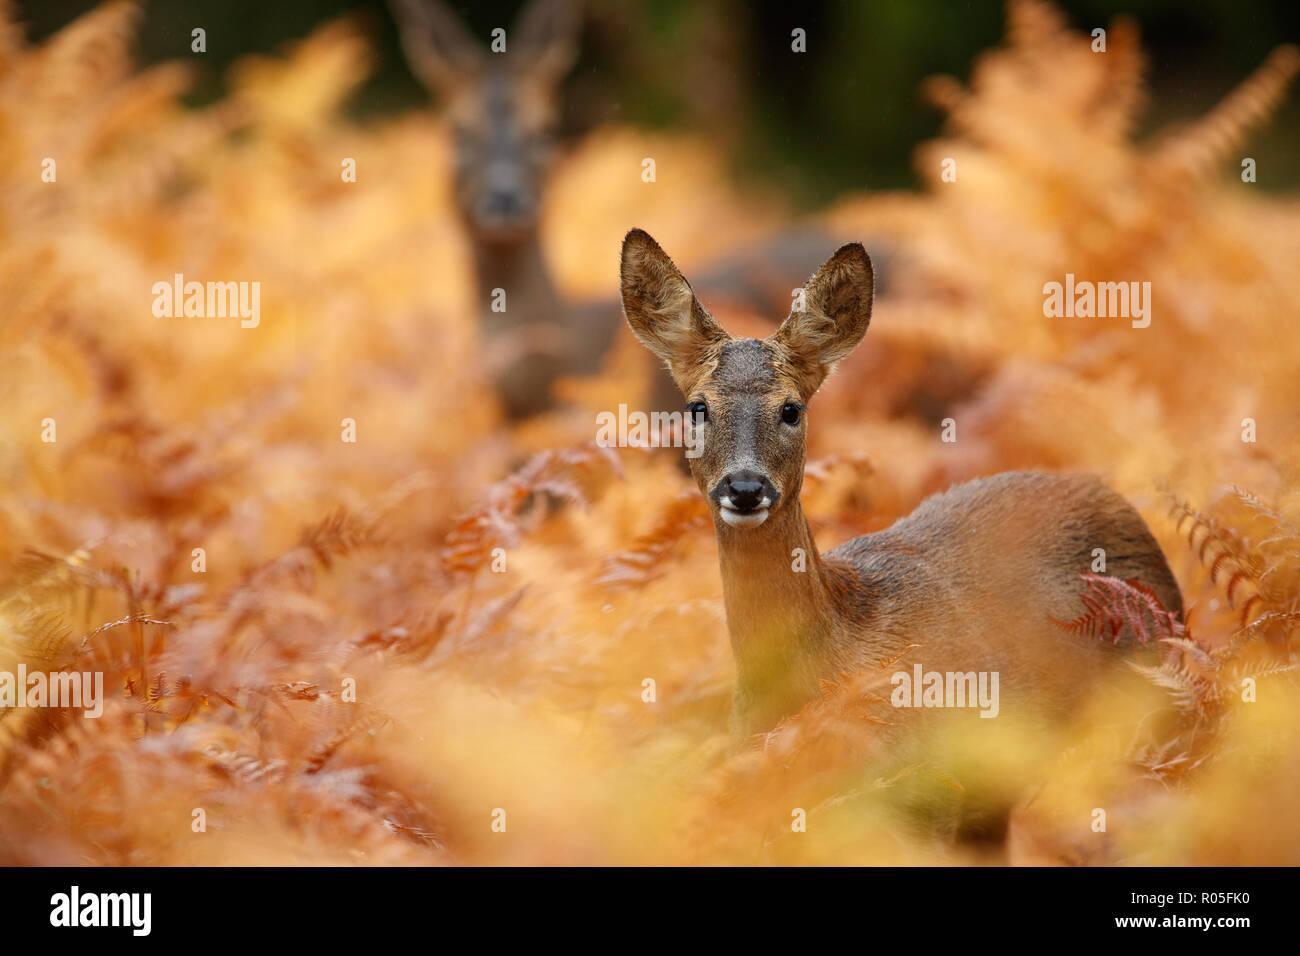 Roe deer in golden autumnal bracken - Stock Image